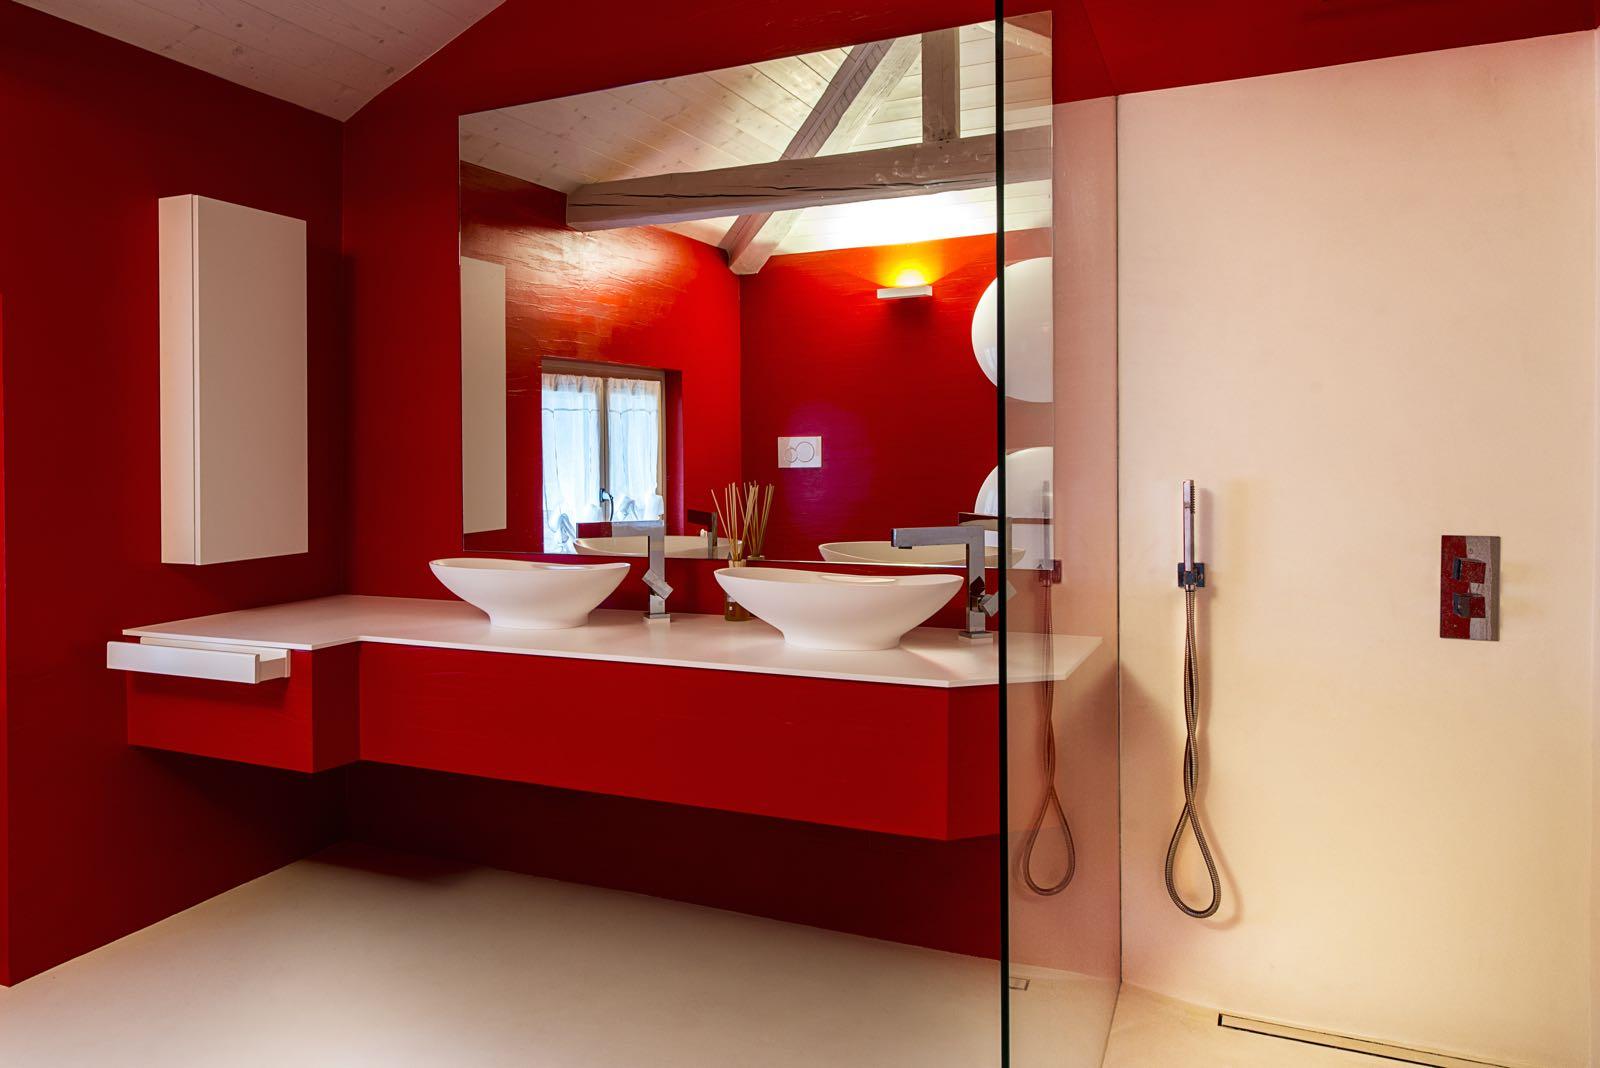 Bagni moderni colorati design casa creativa e mobili ispiratori - Rivestimenti bagno moderni ...